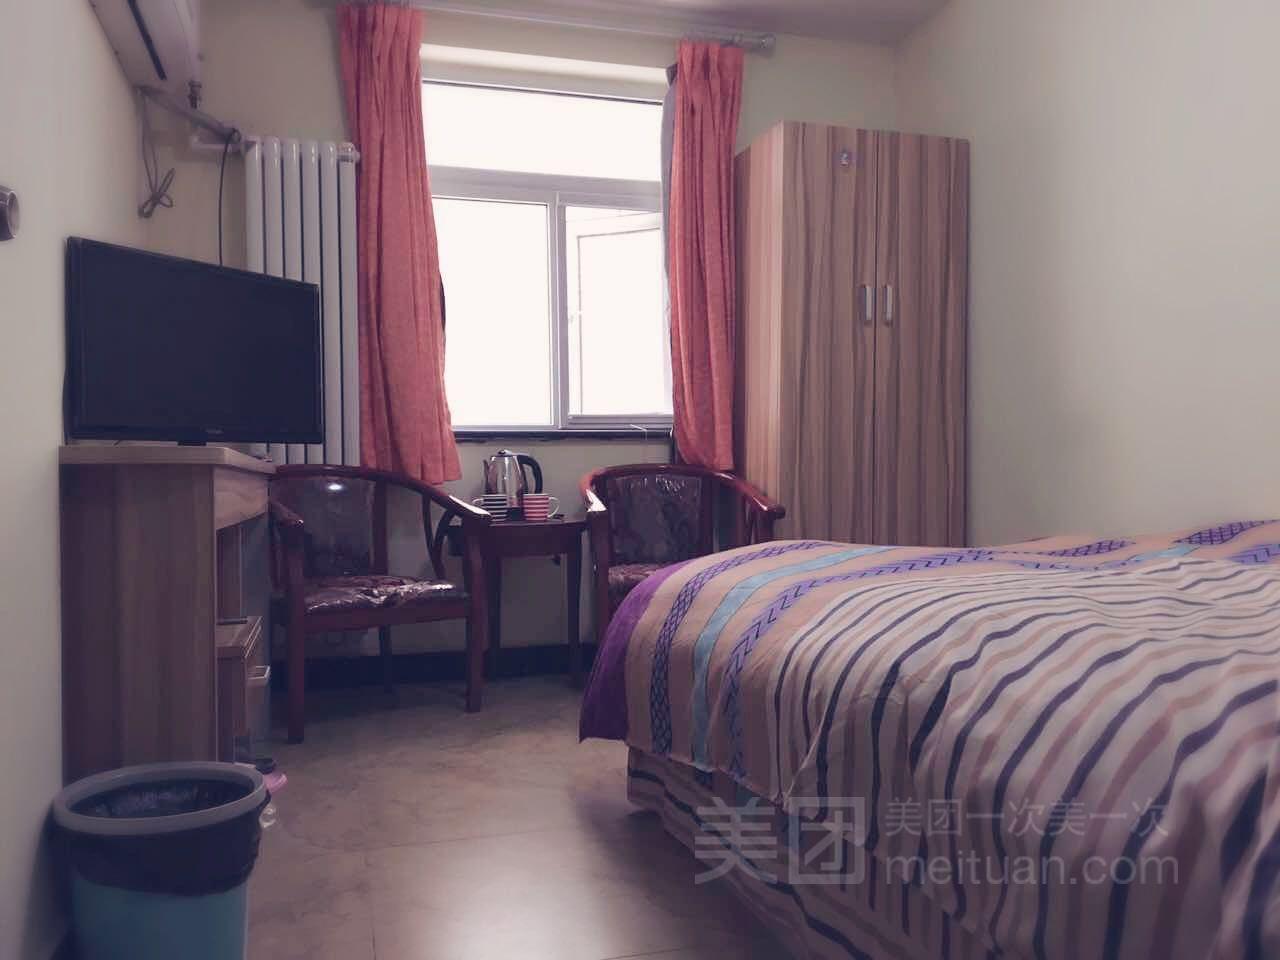 义合酒店式公寓预订/团购